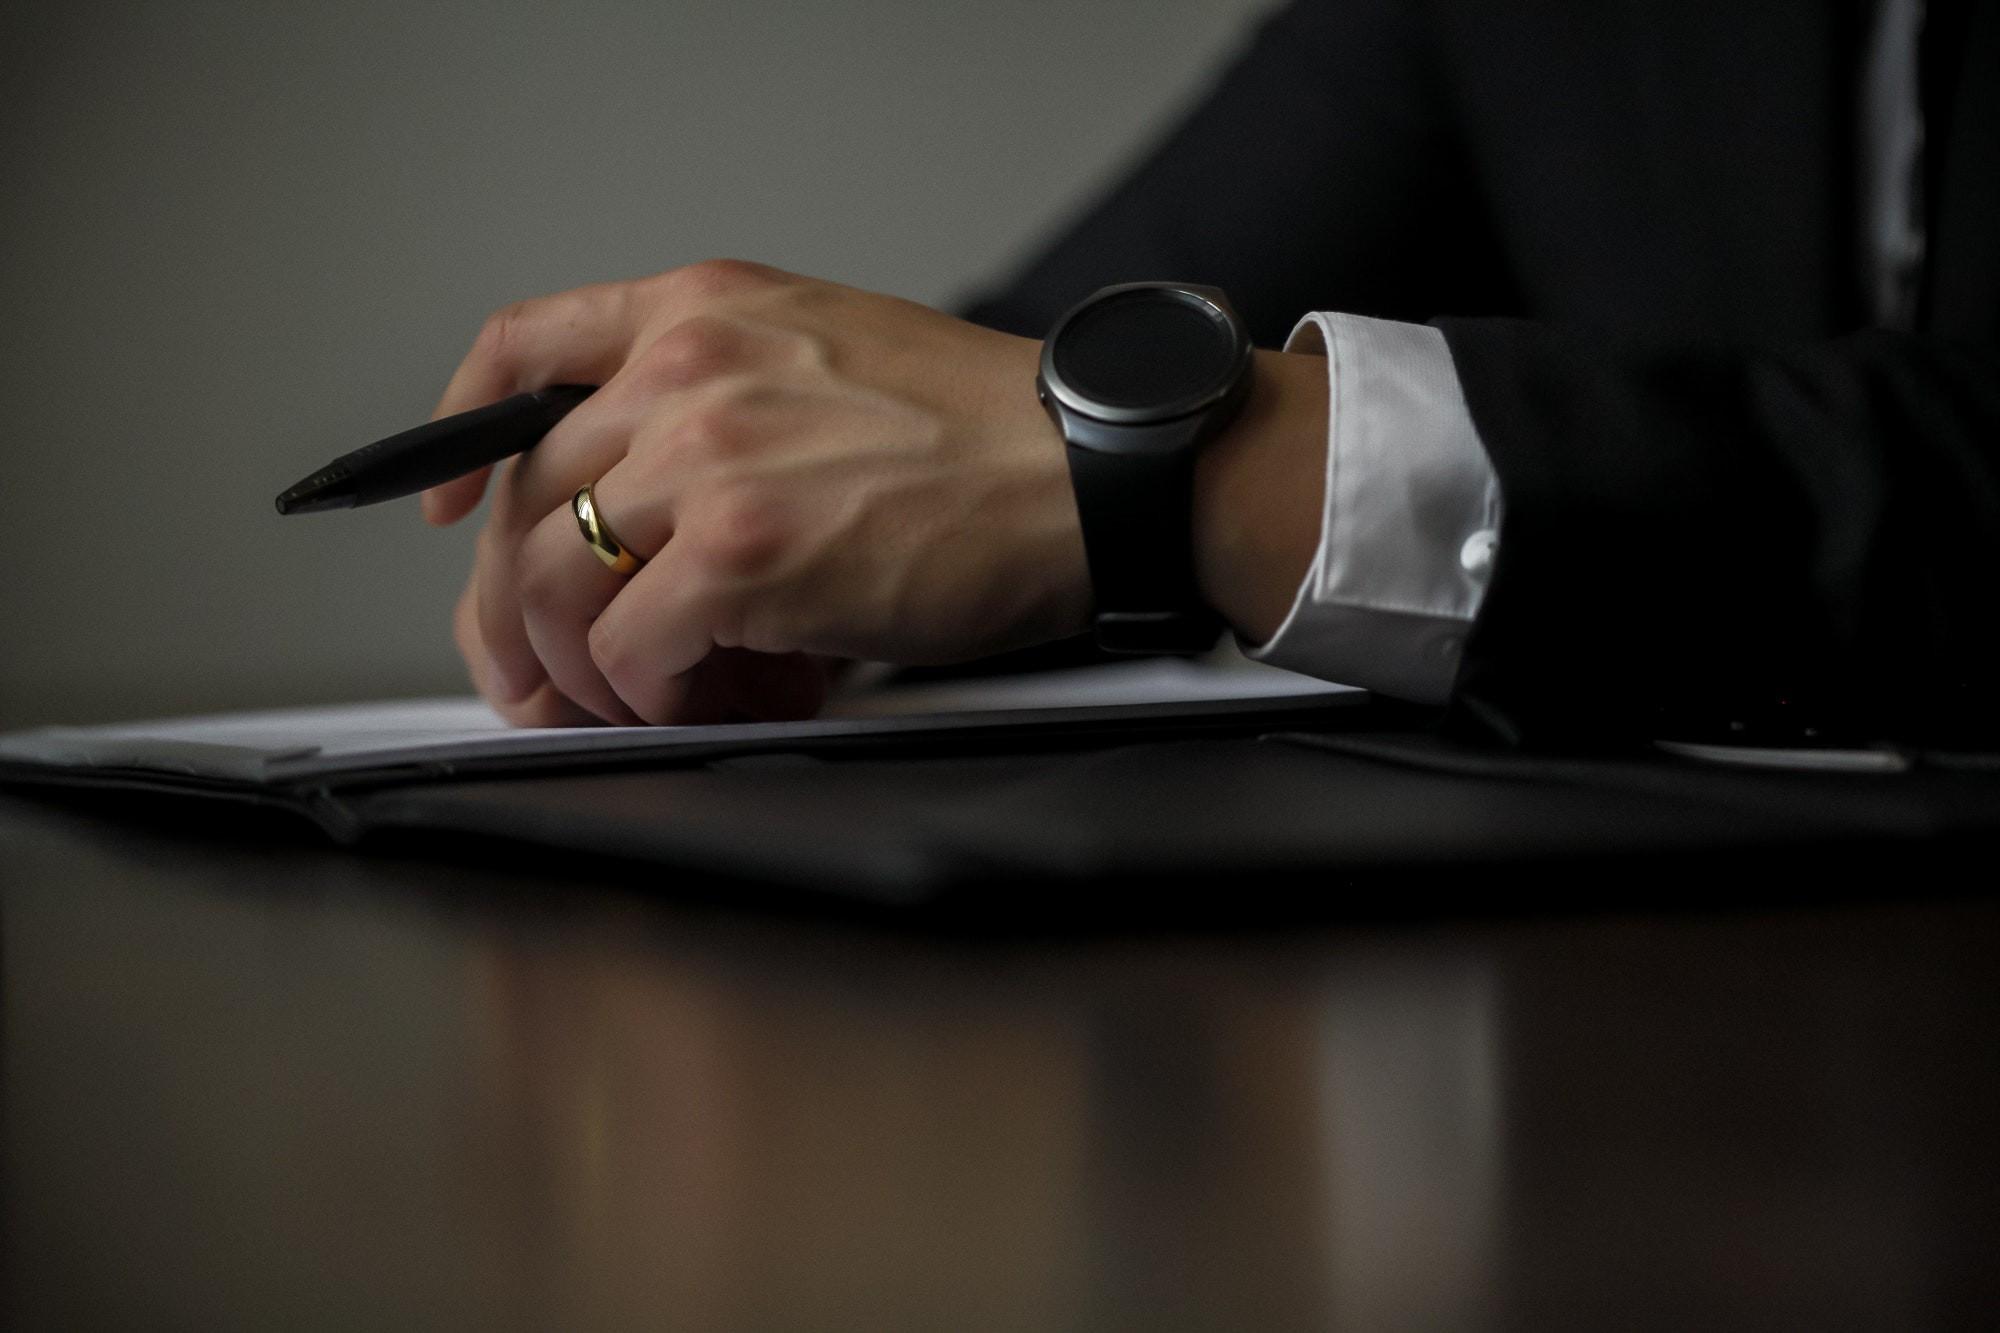 老闆說服他簽股東同意書(圖/取自免費圖庫Pexels)